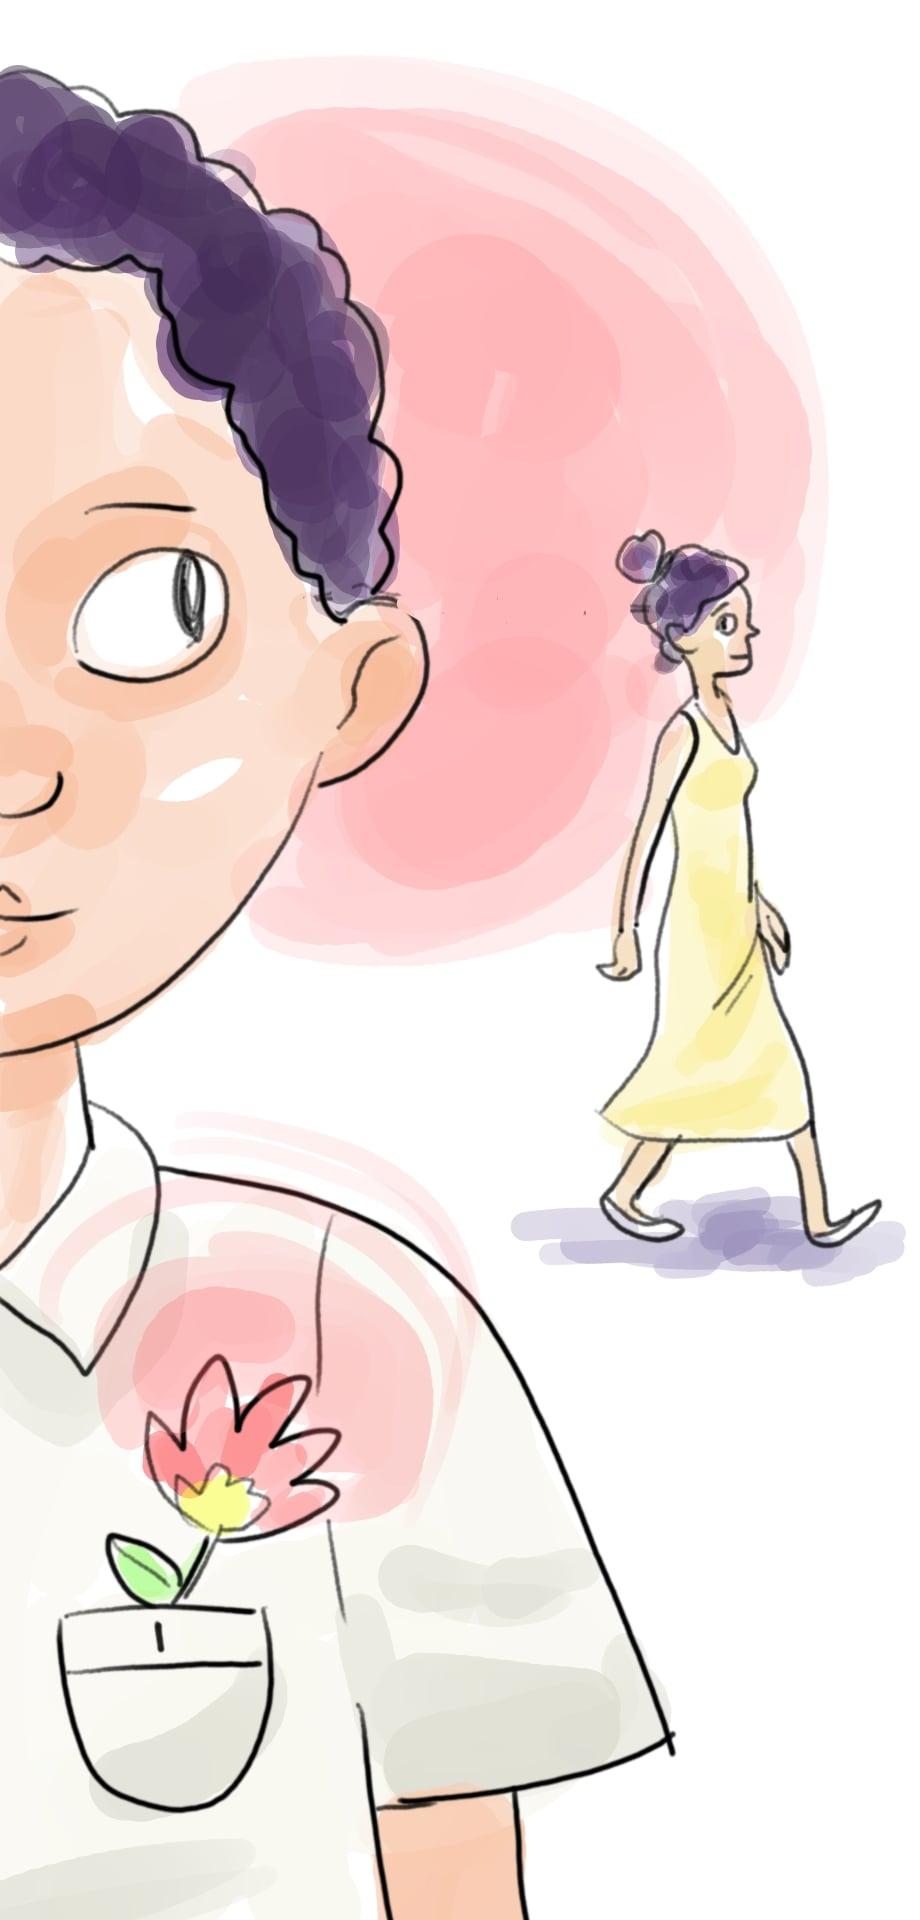 El muchacho sin nombre en primer plano, mira a la muchacha a lo lejos, que le devuelve la mirada